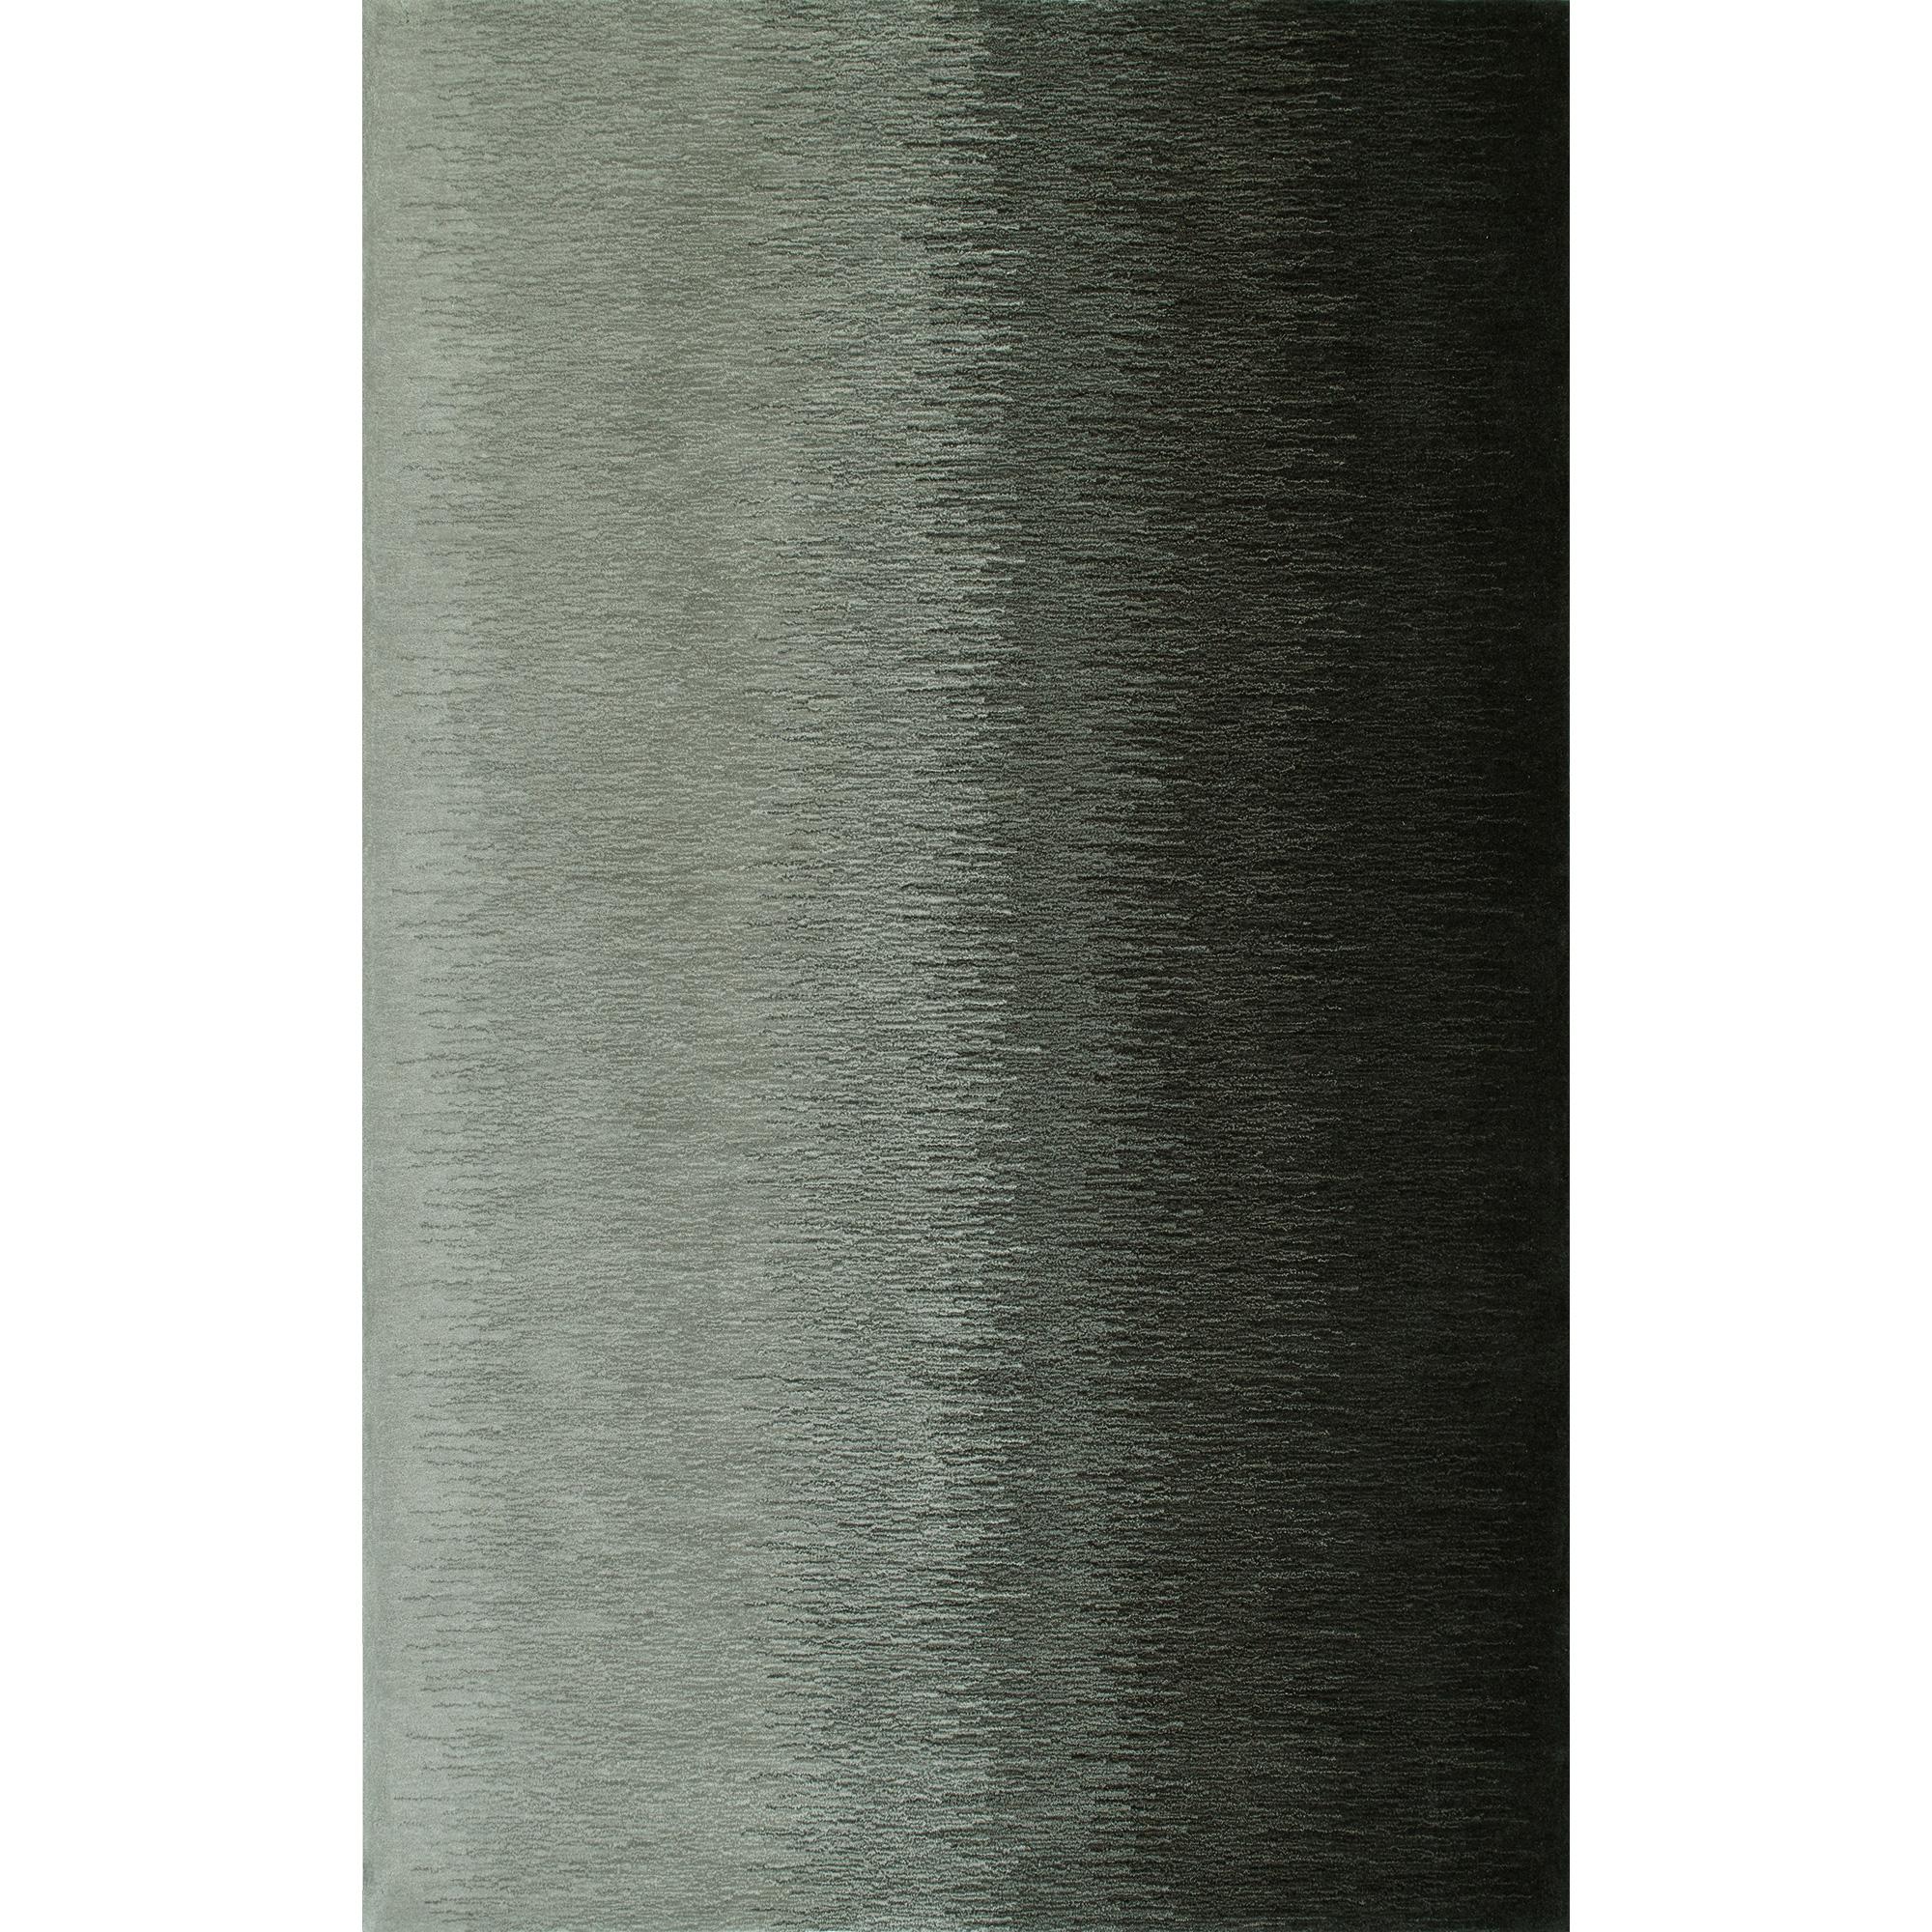 Dalyn Rug Company | Delmar Graphite 8x10 Area Rug